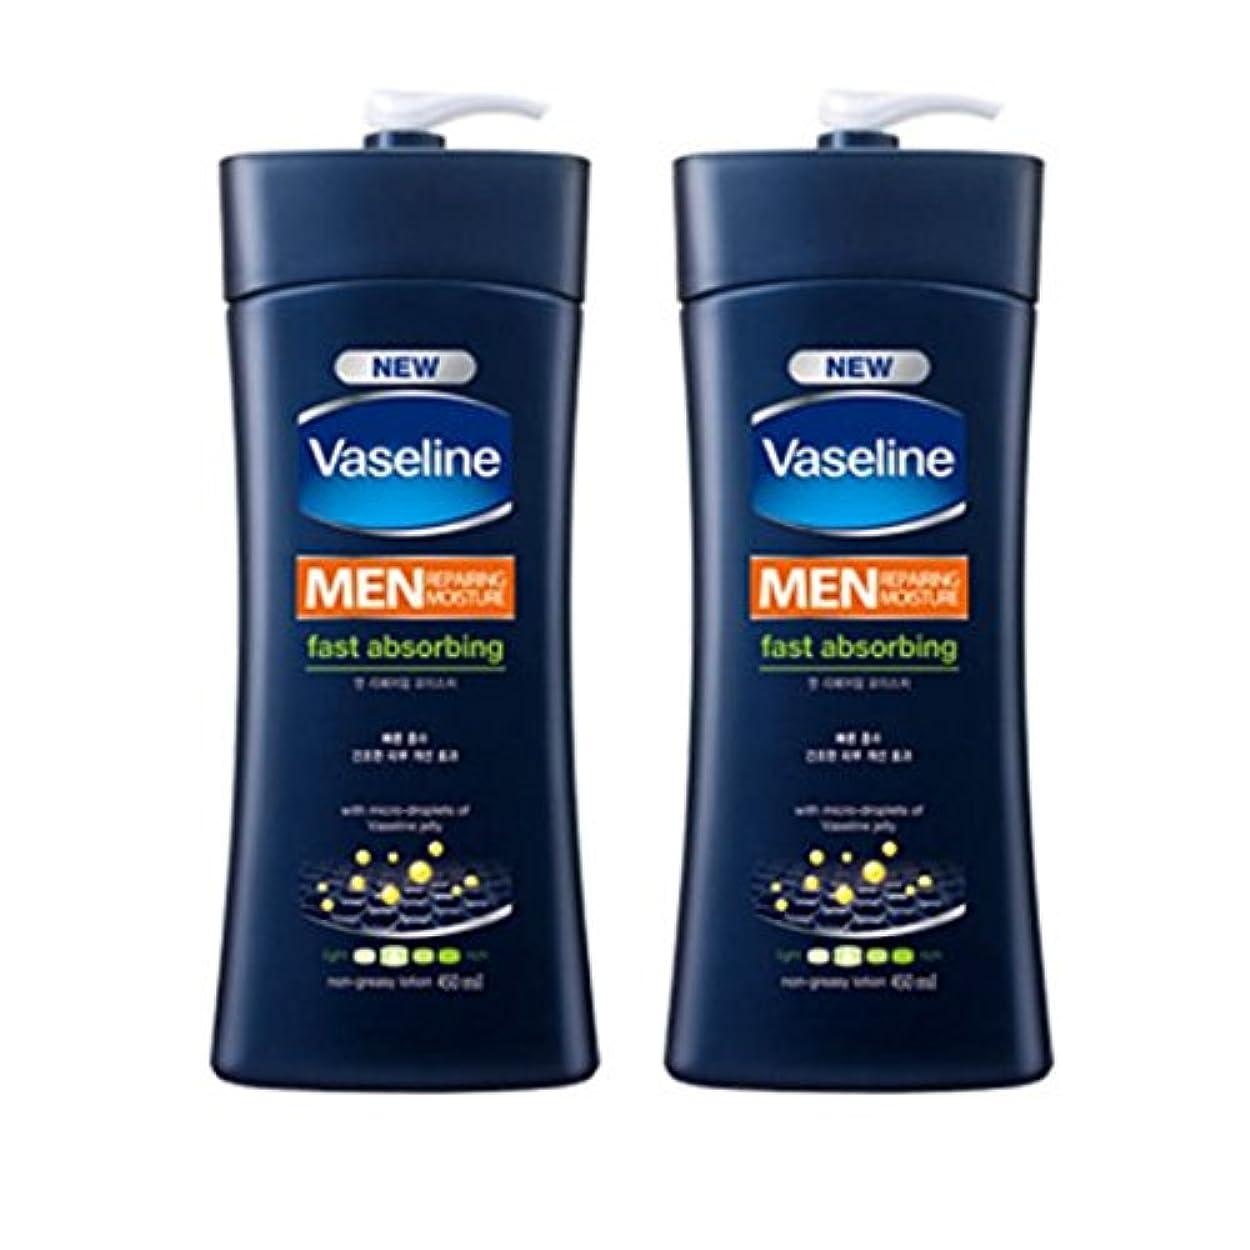 ストッキングテープ湖ヴァセリン メンズ リペアリング モイスチャーローション(Vaseline Man Repairing Moisture Lotion) 450ml X 2個 [並行輸入品]